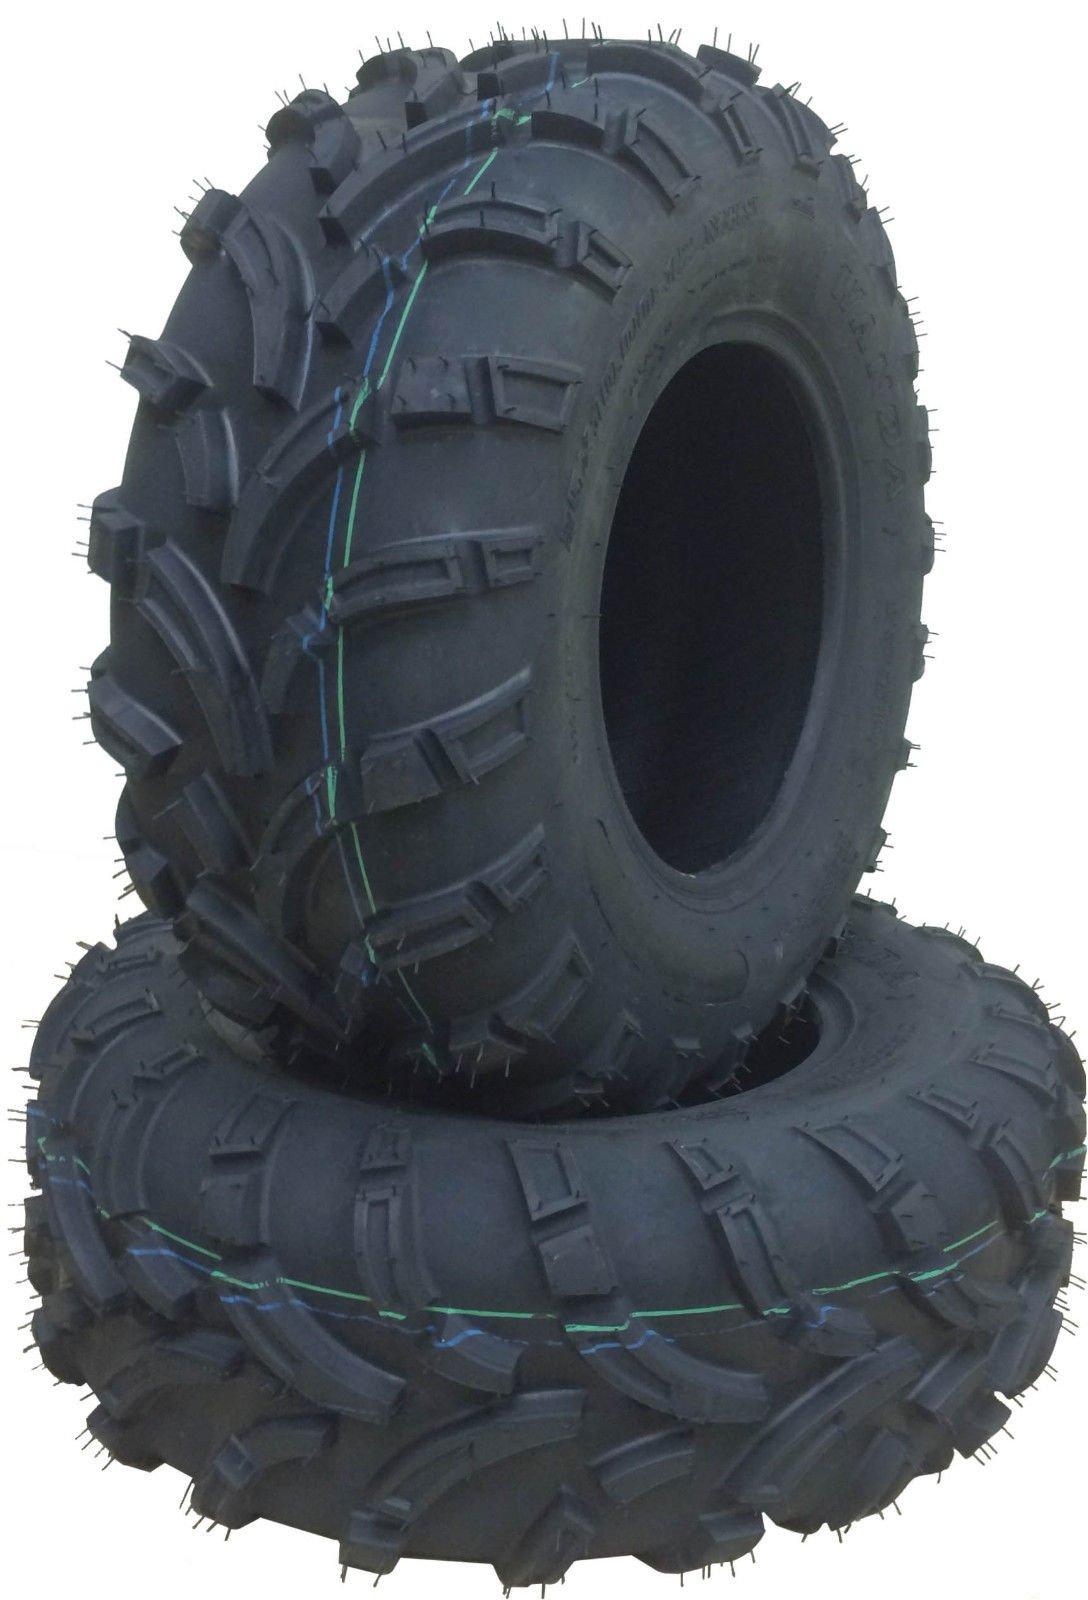 2 New WANDA ATV Tires 25x11-12 25x11x12 /6PR P373A High Load - 10210